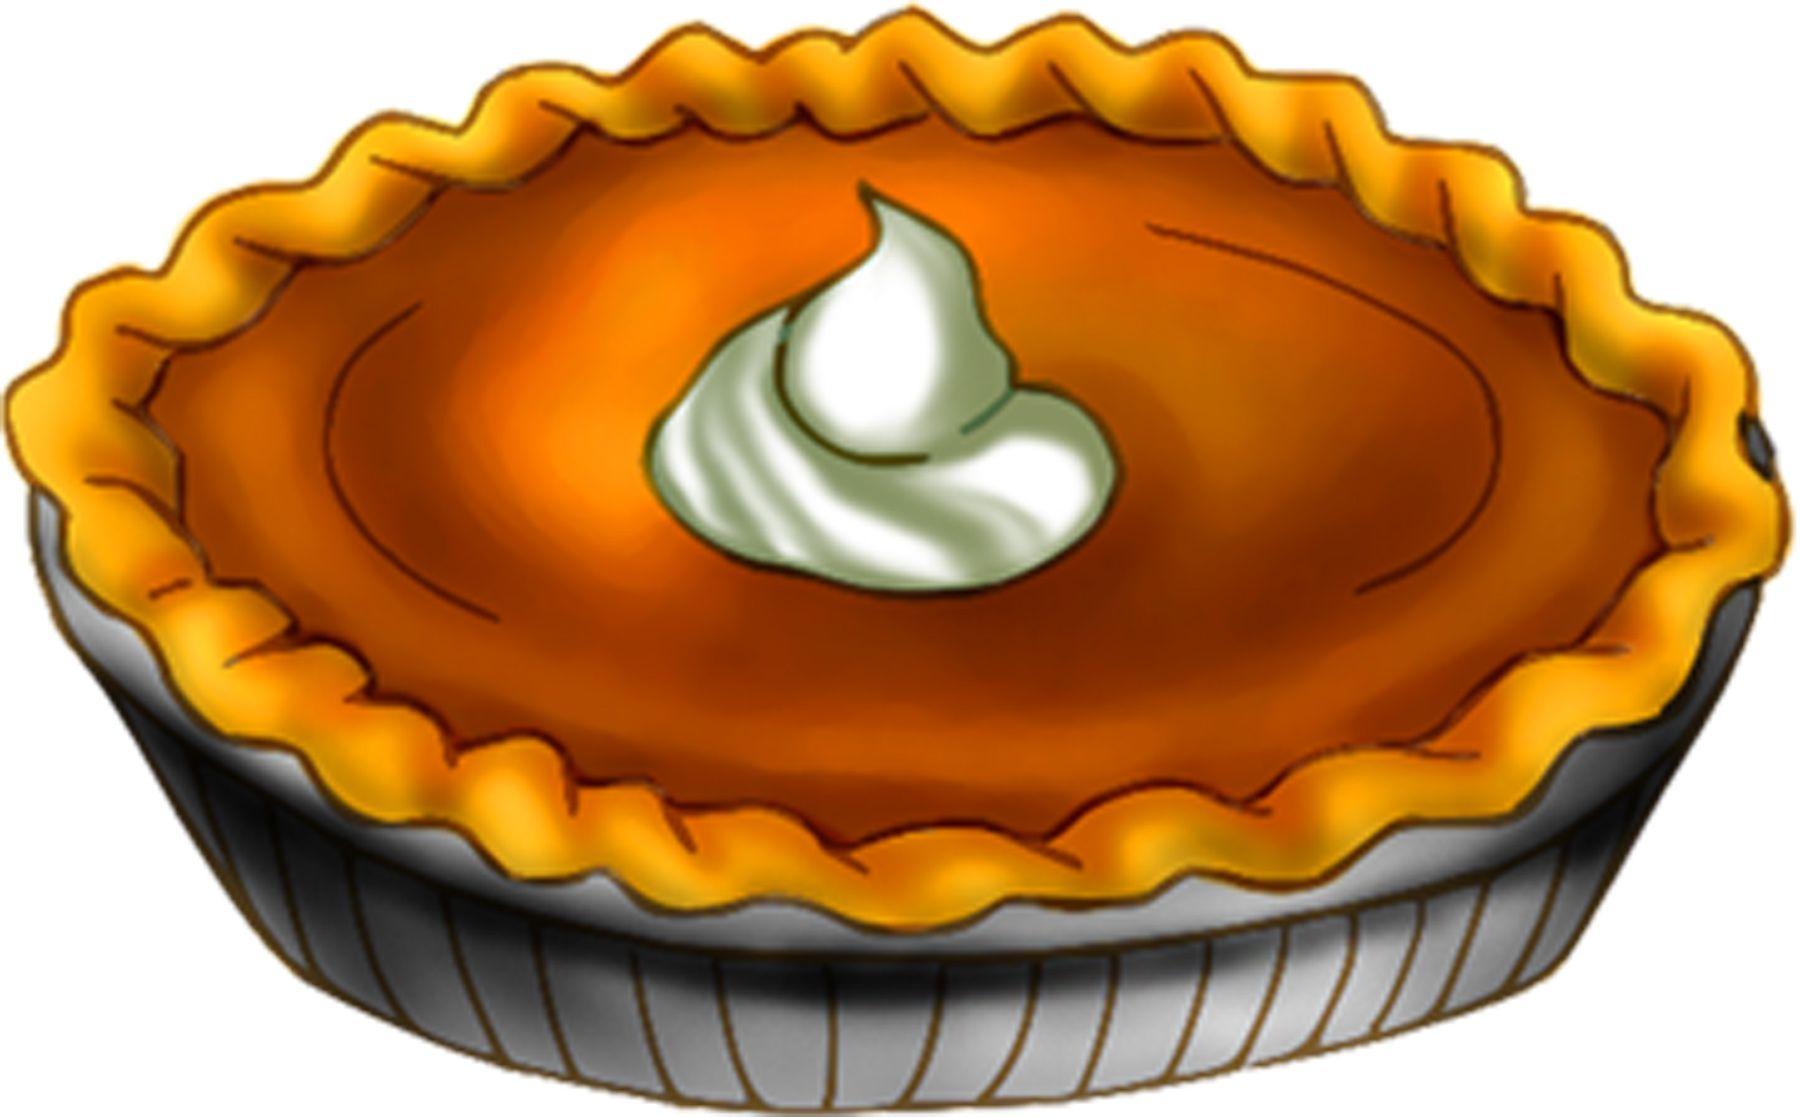 Pumpkin pie clip art.